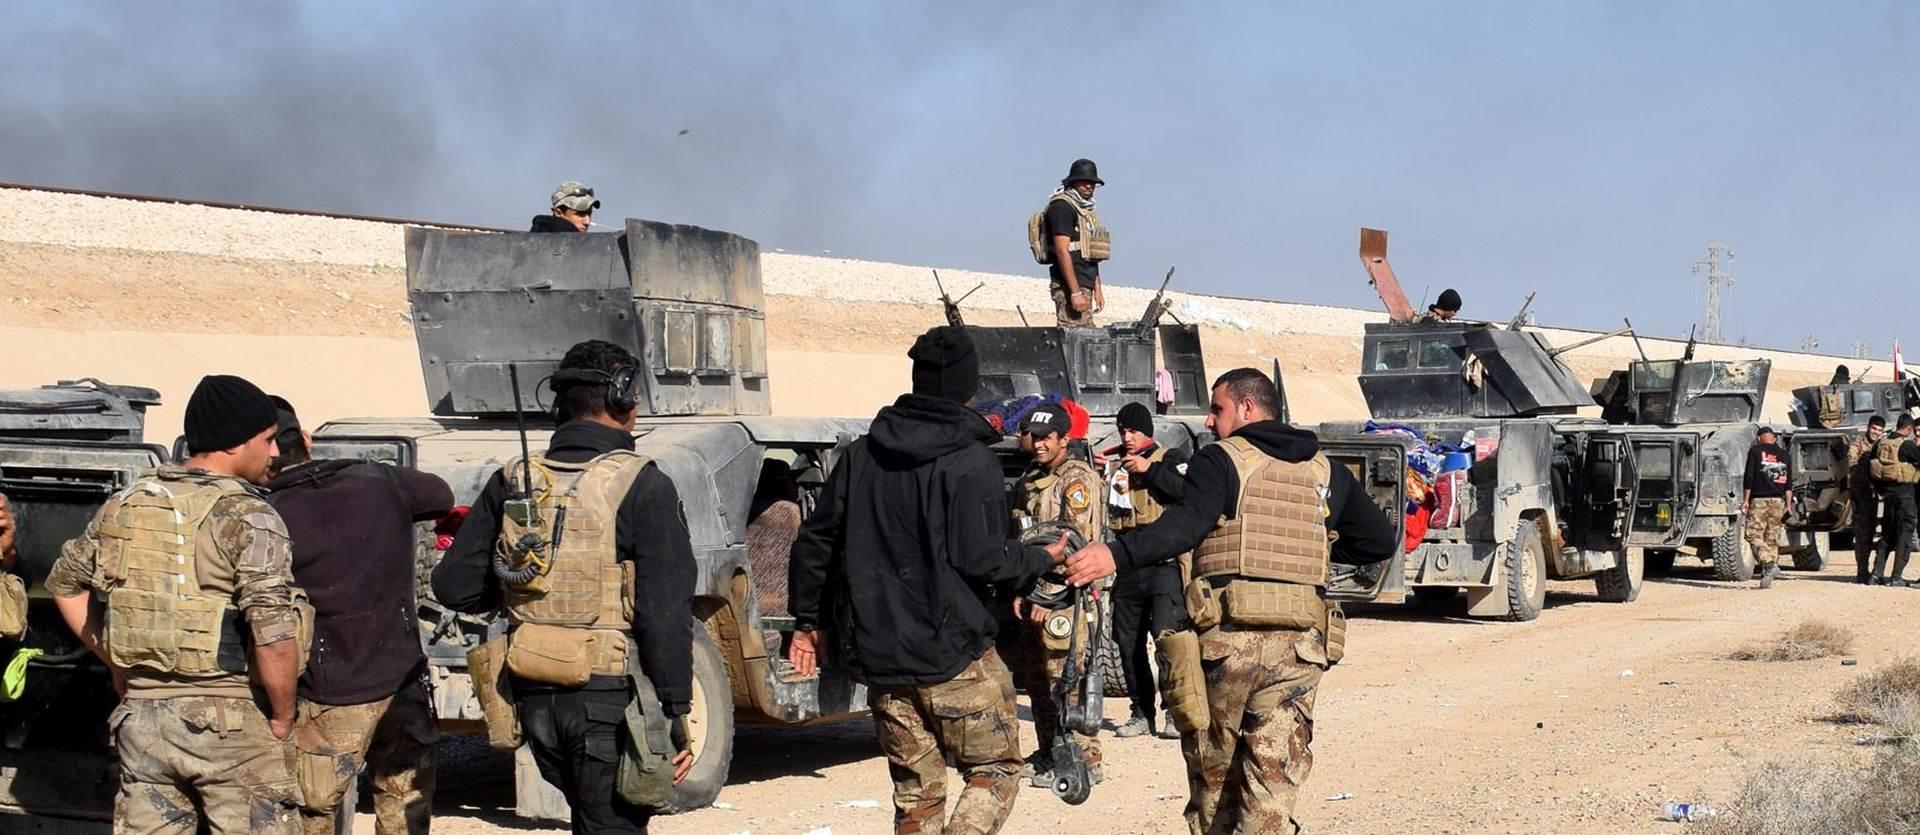 VELIKA POBJEDA: Iračka vojska oslobodila Ramadi